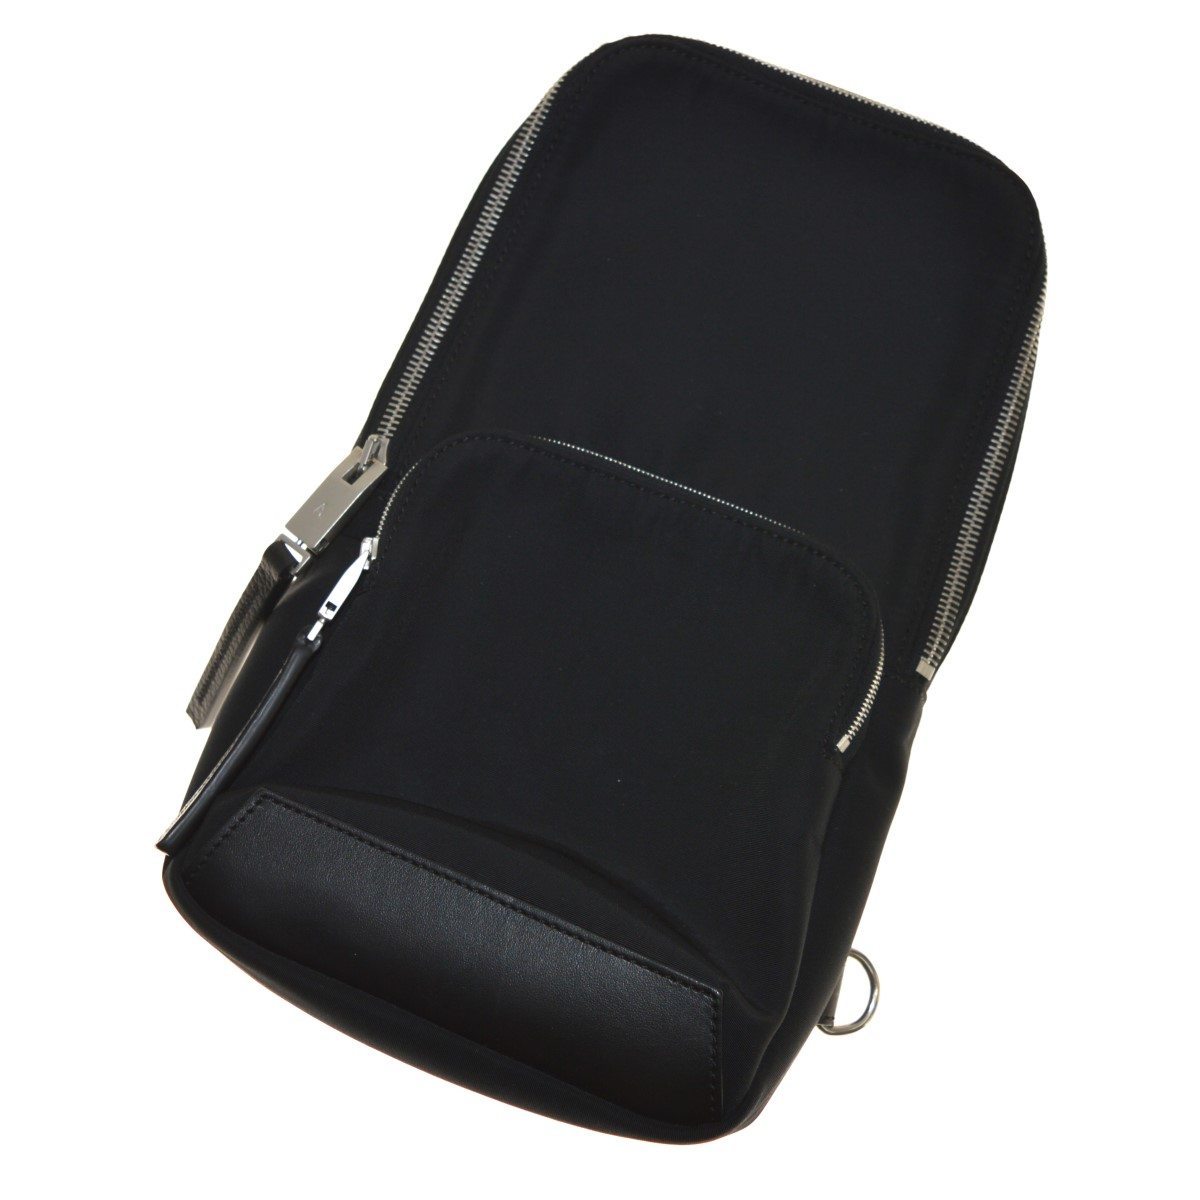 【中古】alyx Body Bag ボディバッグ ブラック 【110320】(アリクス)